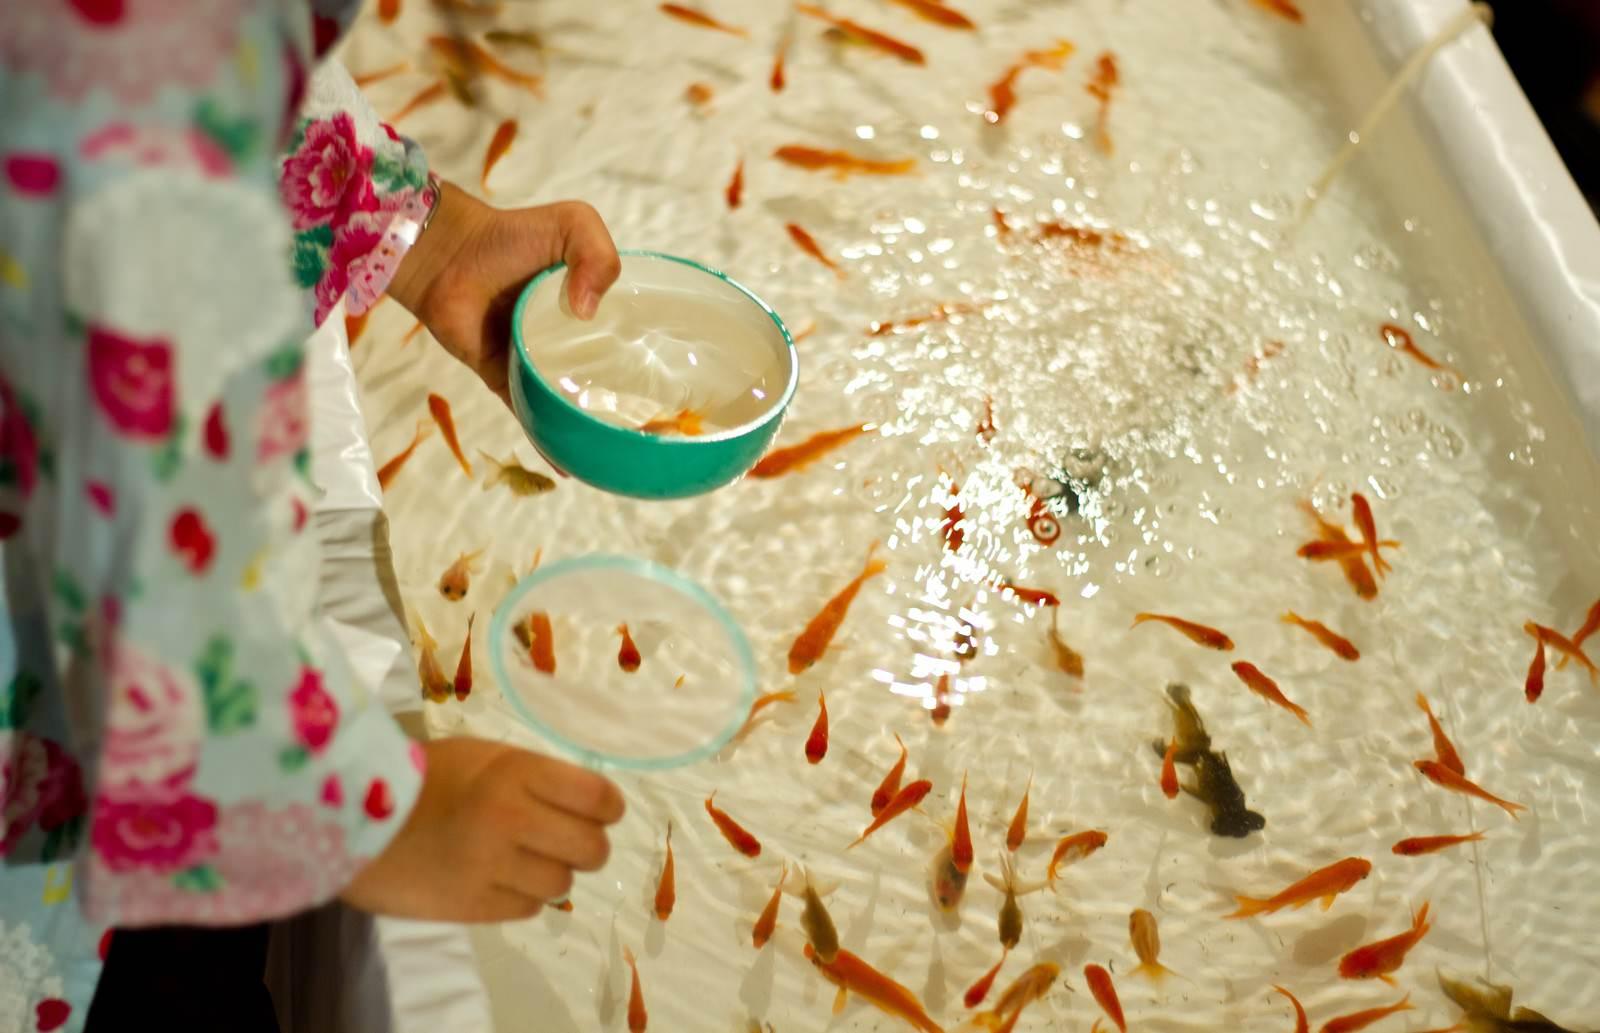 「金魚すくいをする子供」の写真